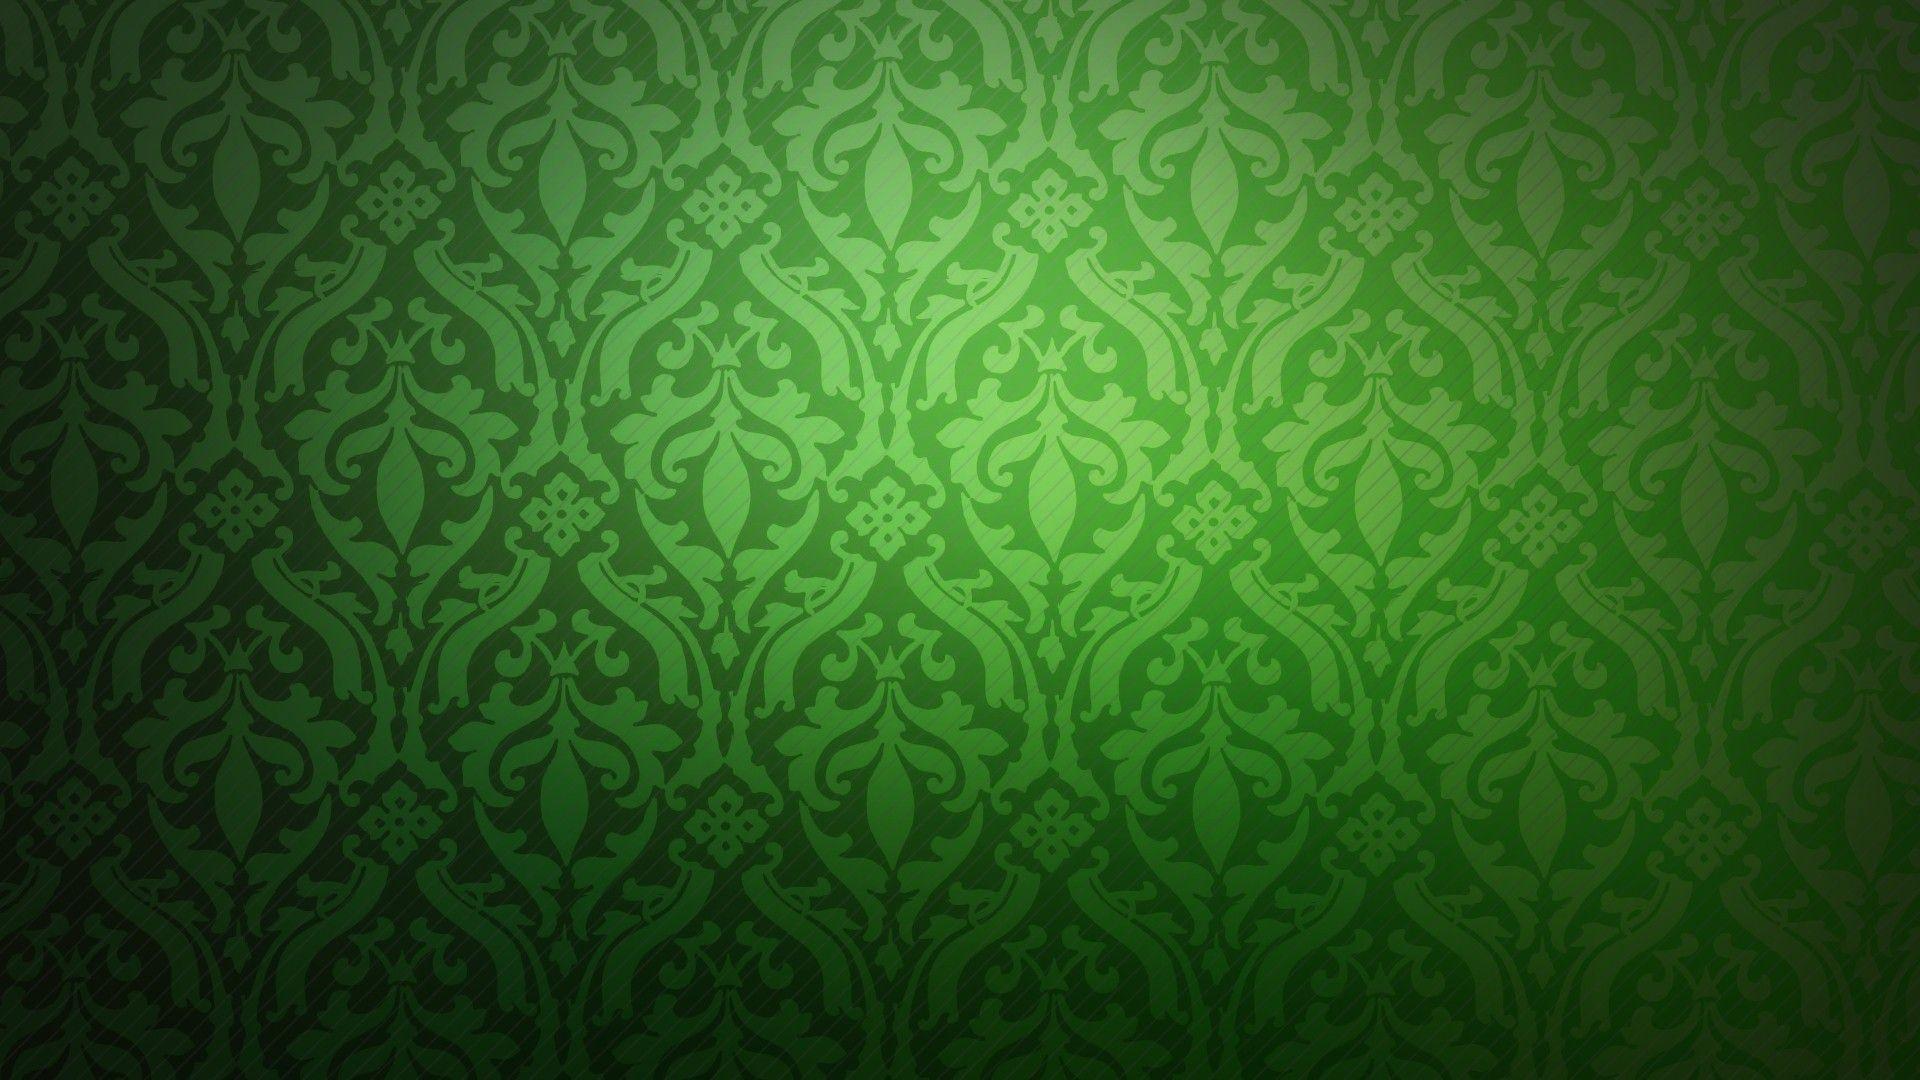 Green Wallpaper Dr. Odd Green wallpaper, Green